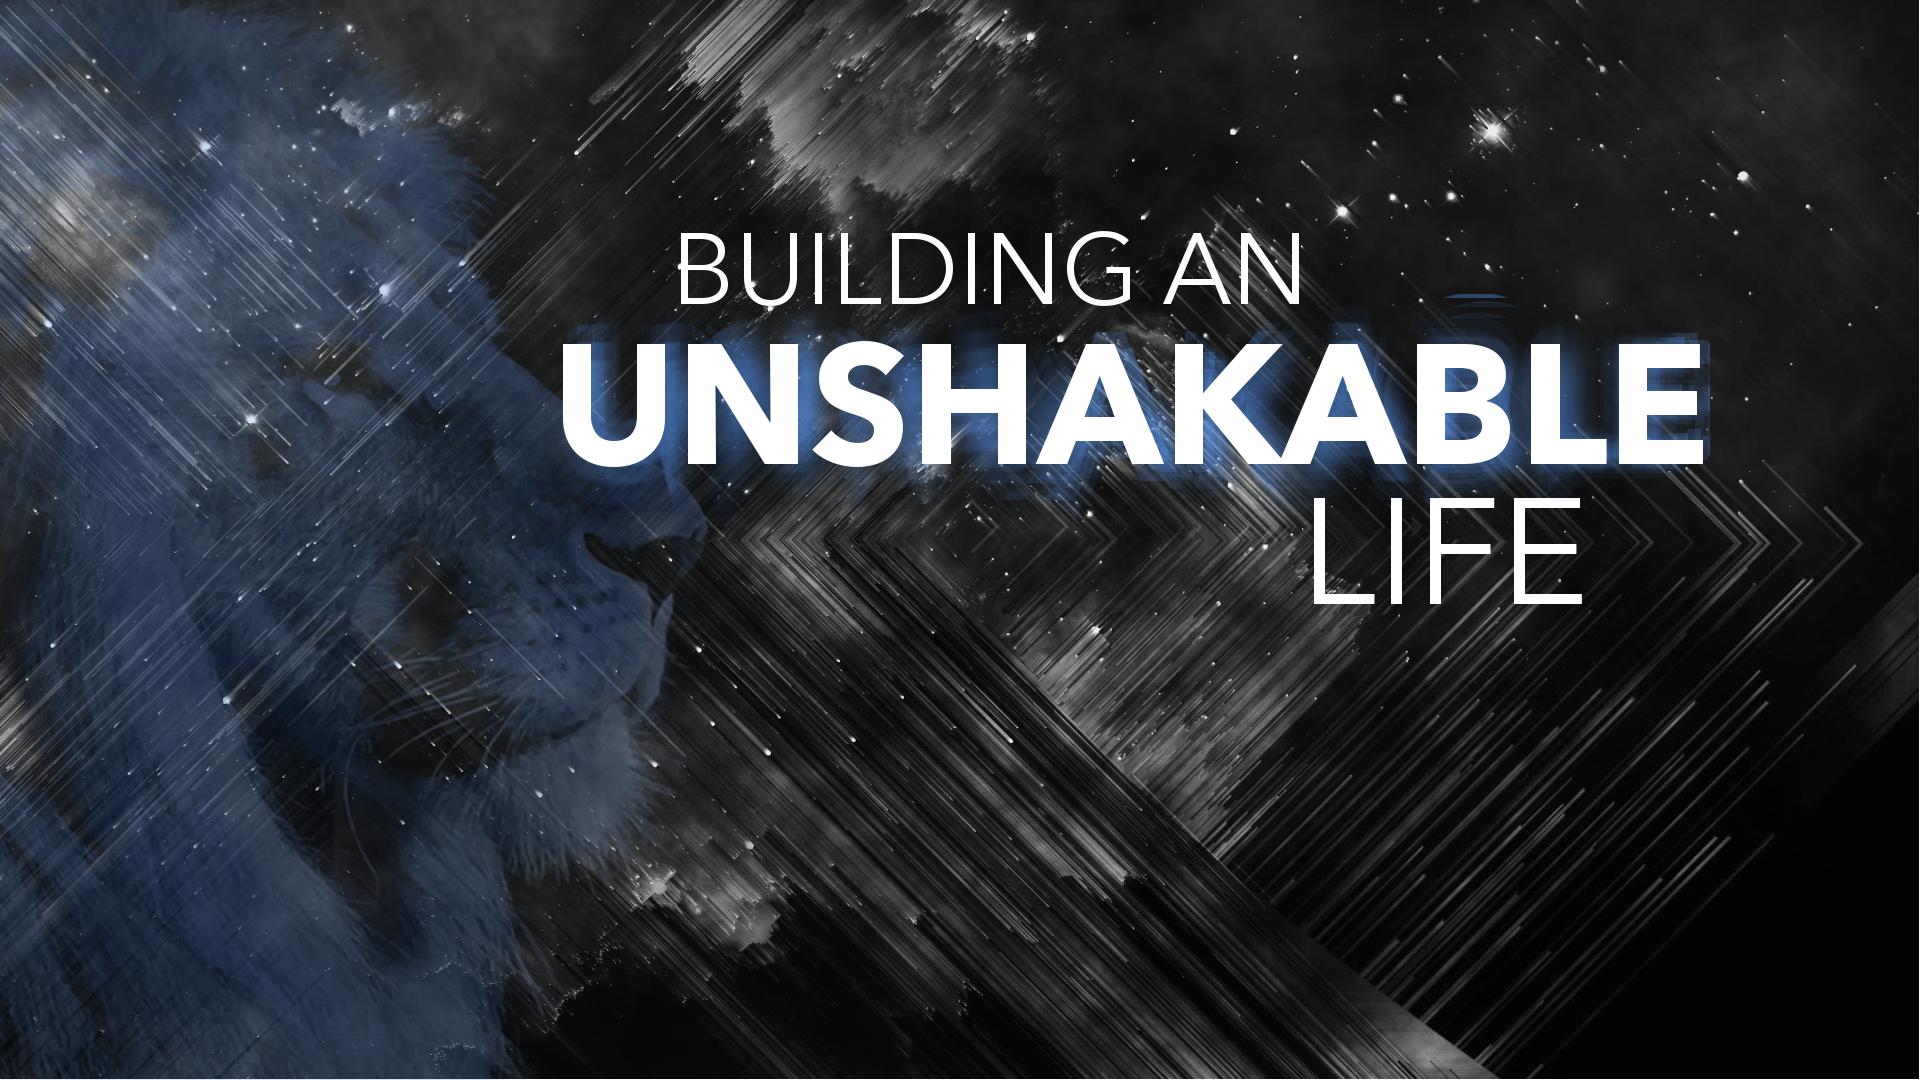 unshakable..